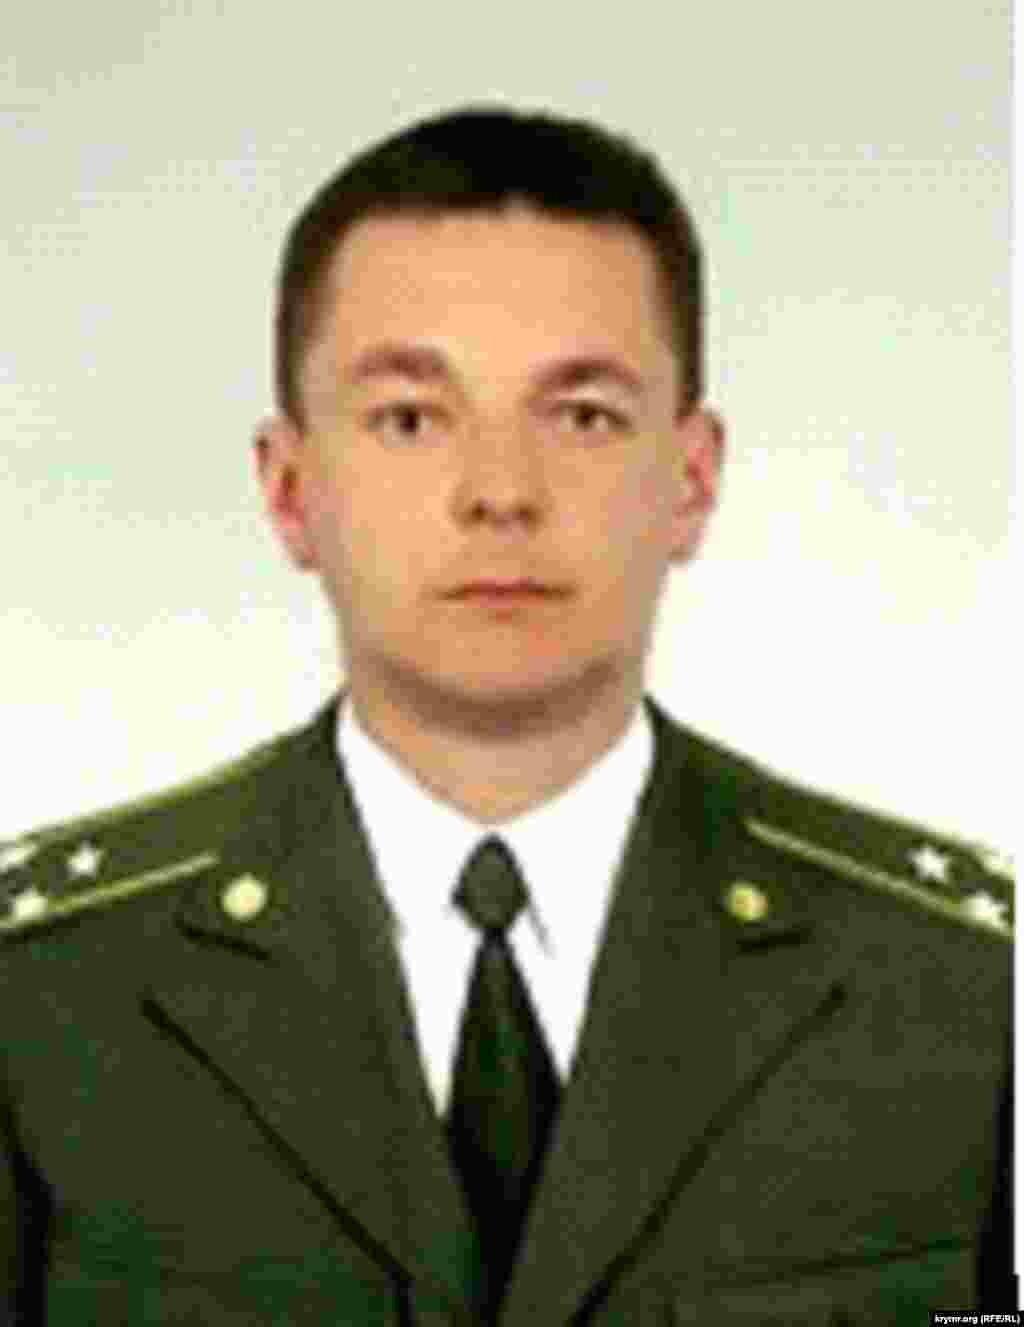 Сергей Бережной, бывший начальник сектора кадрового обеспечения Управления военной контрразведки крымского главка СБУ